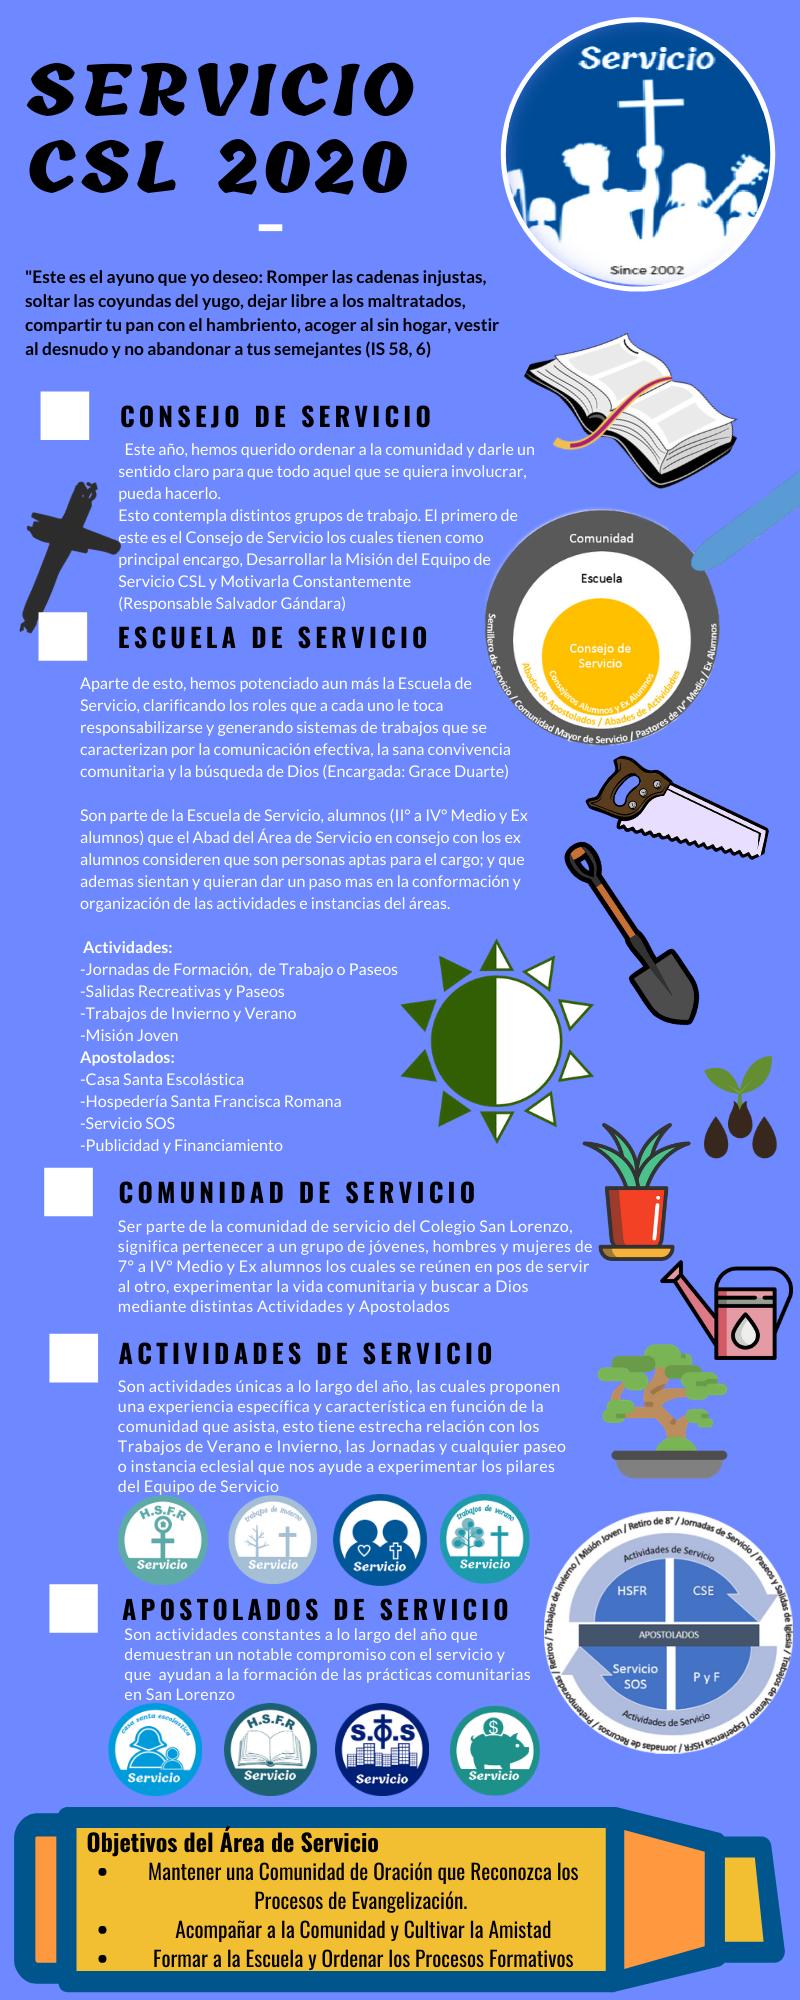 Servicio CSL 2020.png